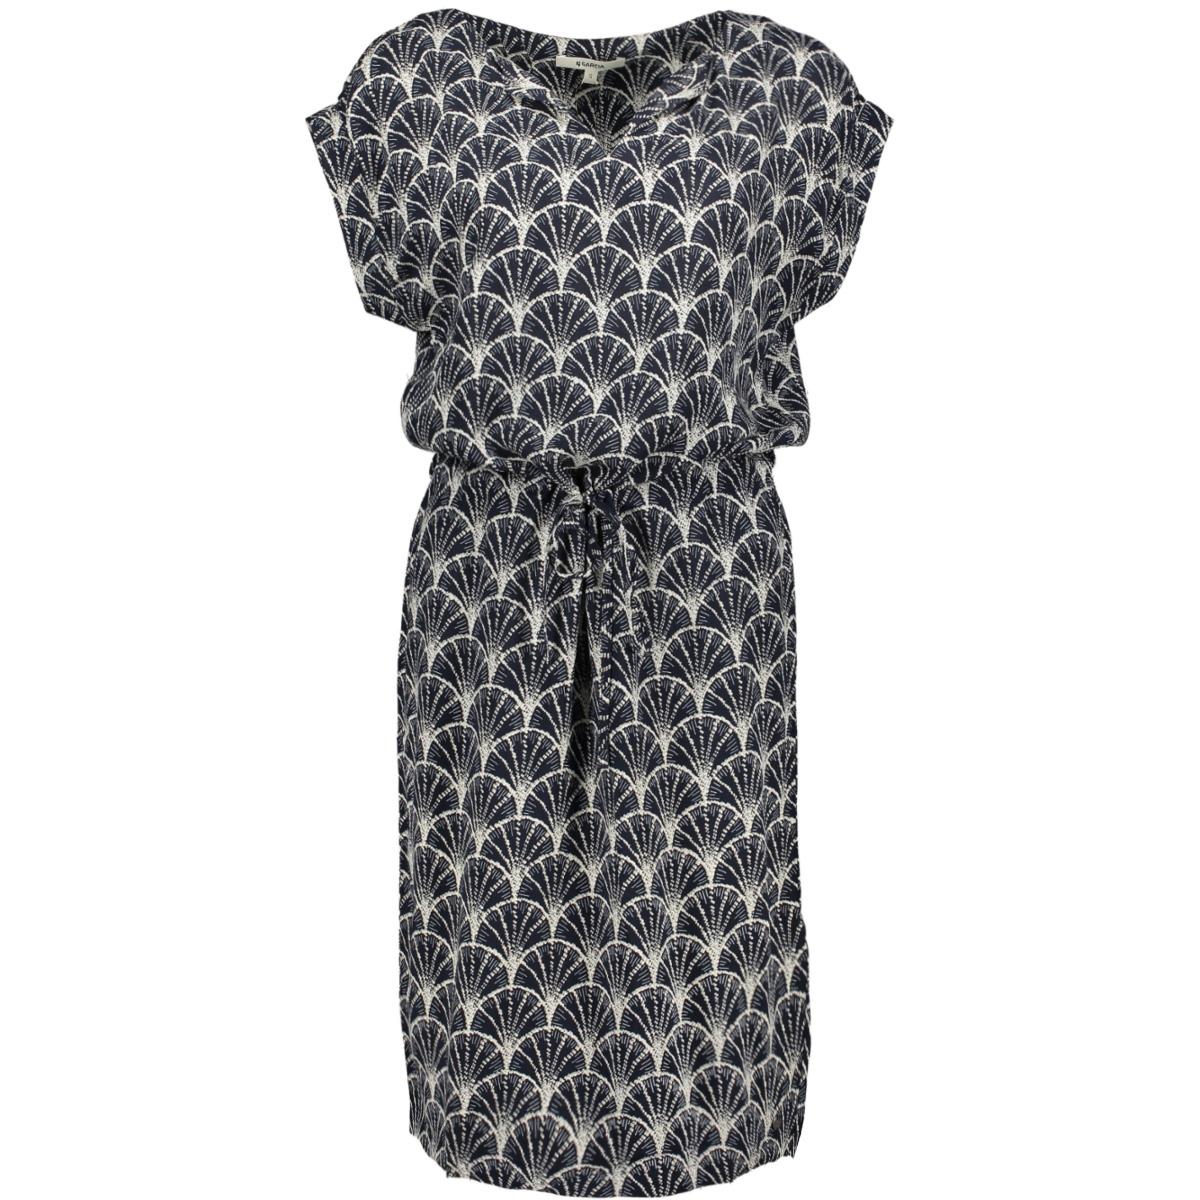 jurk met all over print ge900500 garcia jurk 292 dark moon